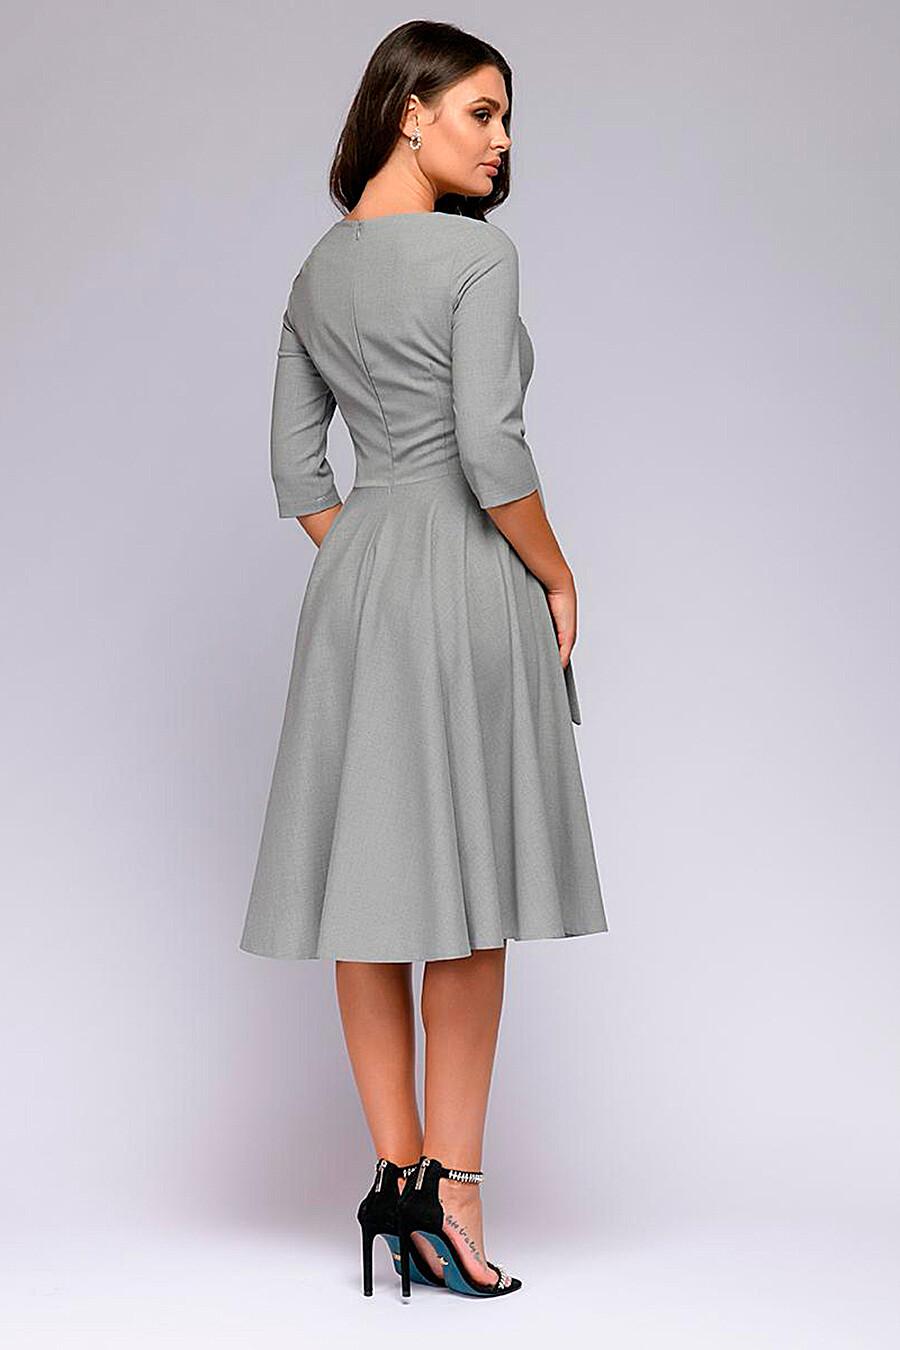 Платье для женщин 1001 DRESS 219937 купить оптом от производителя. Совместная покупка женской одежды в OptMoyo